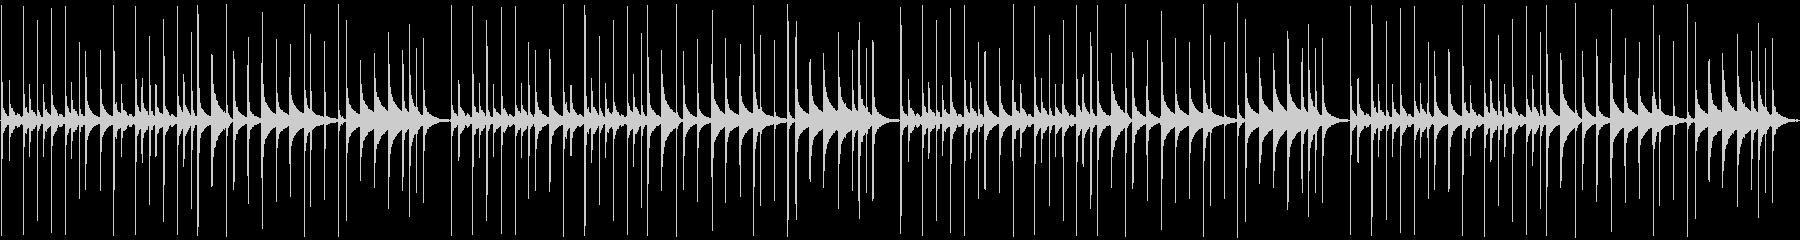 【コミカルなシーン用パーカッション】の未再生の波形